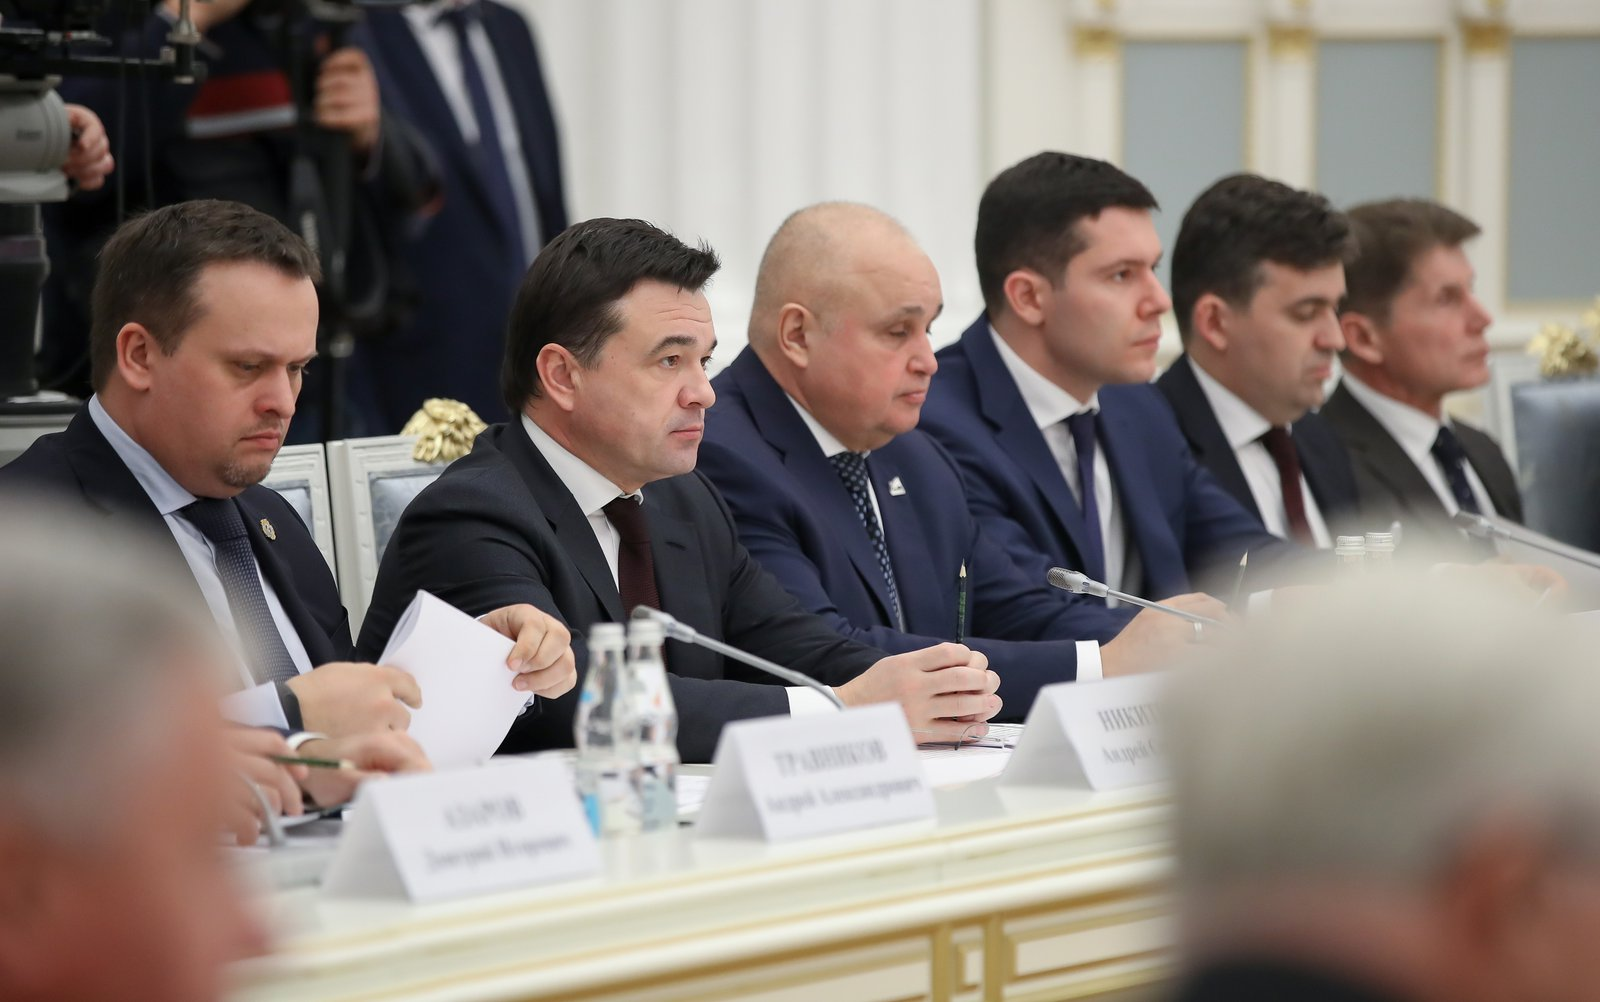 Андрей Воробьев губернатор московской области - Заседание Совета по стратегическому развитию и нацпроектам